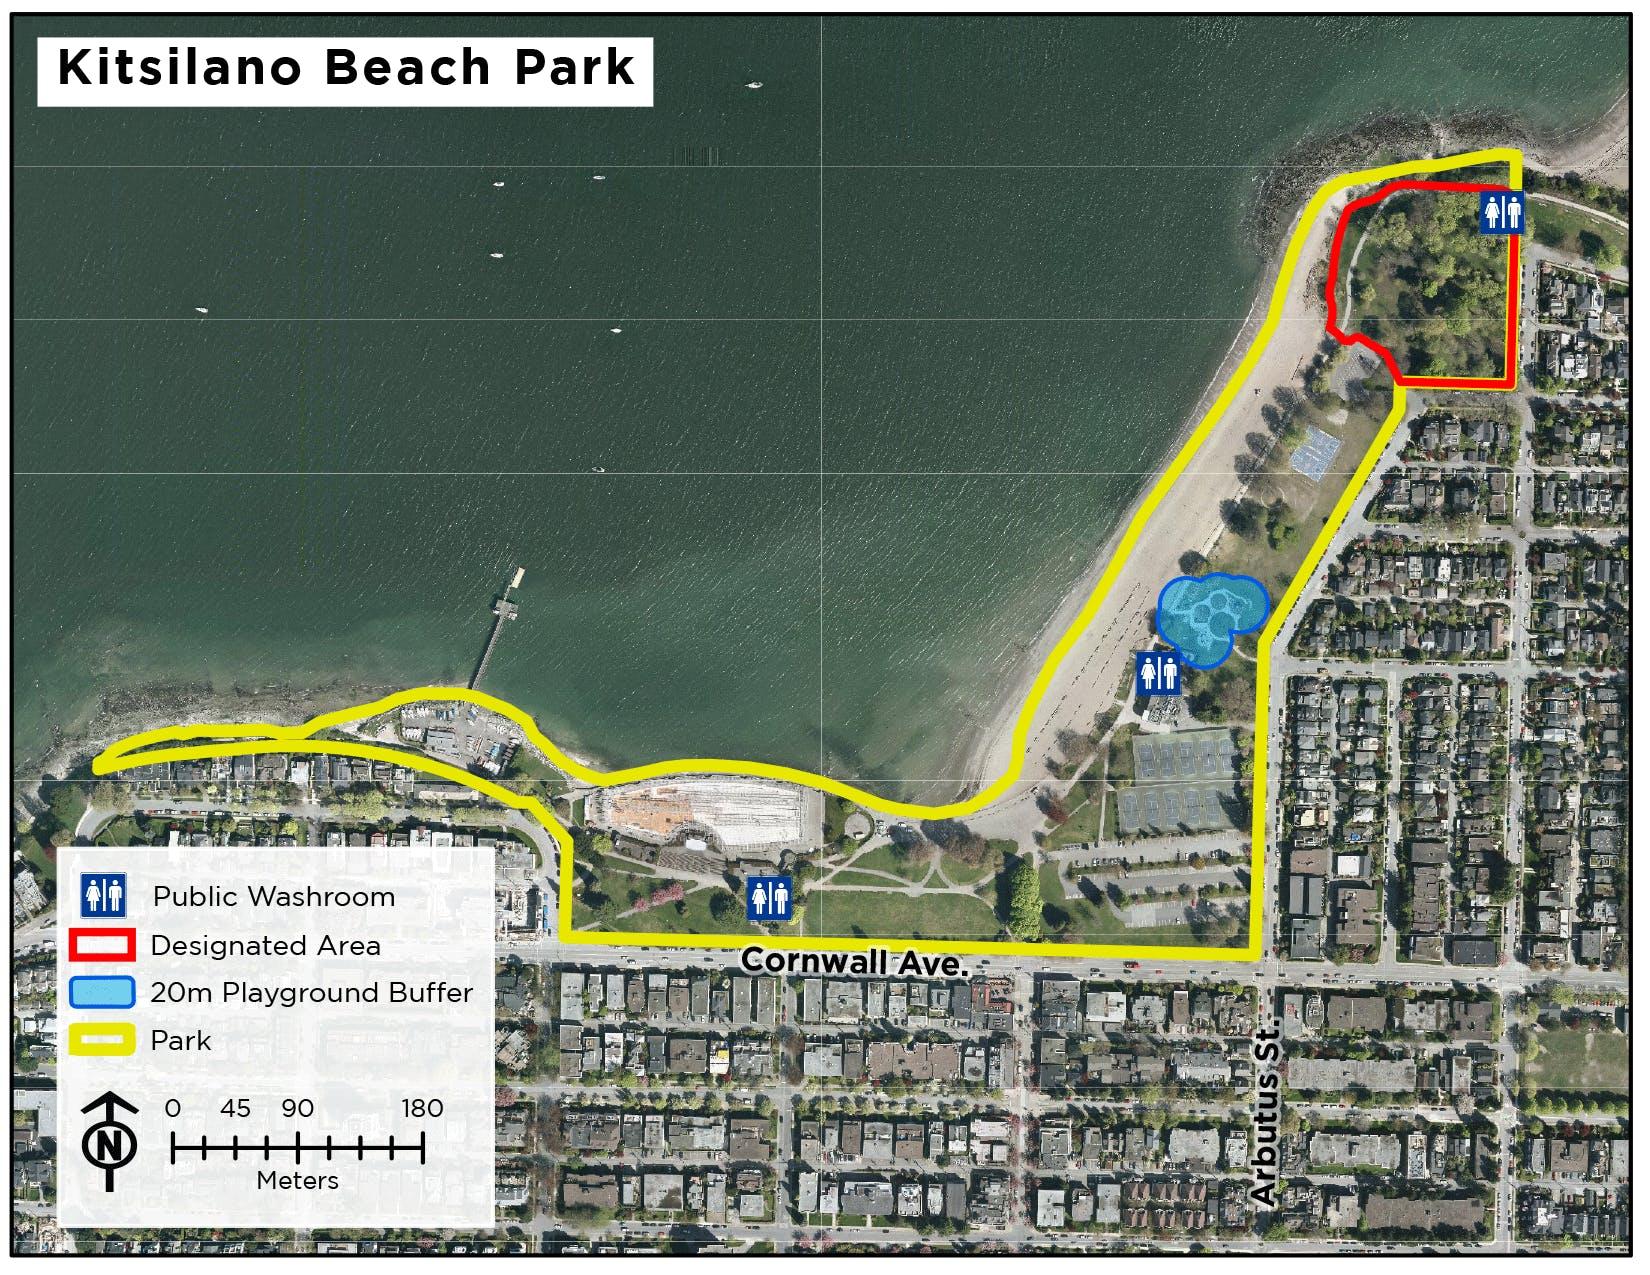 Kitsilano Beach Park / Hadden Park